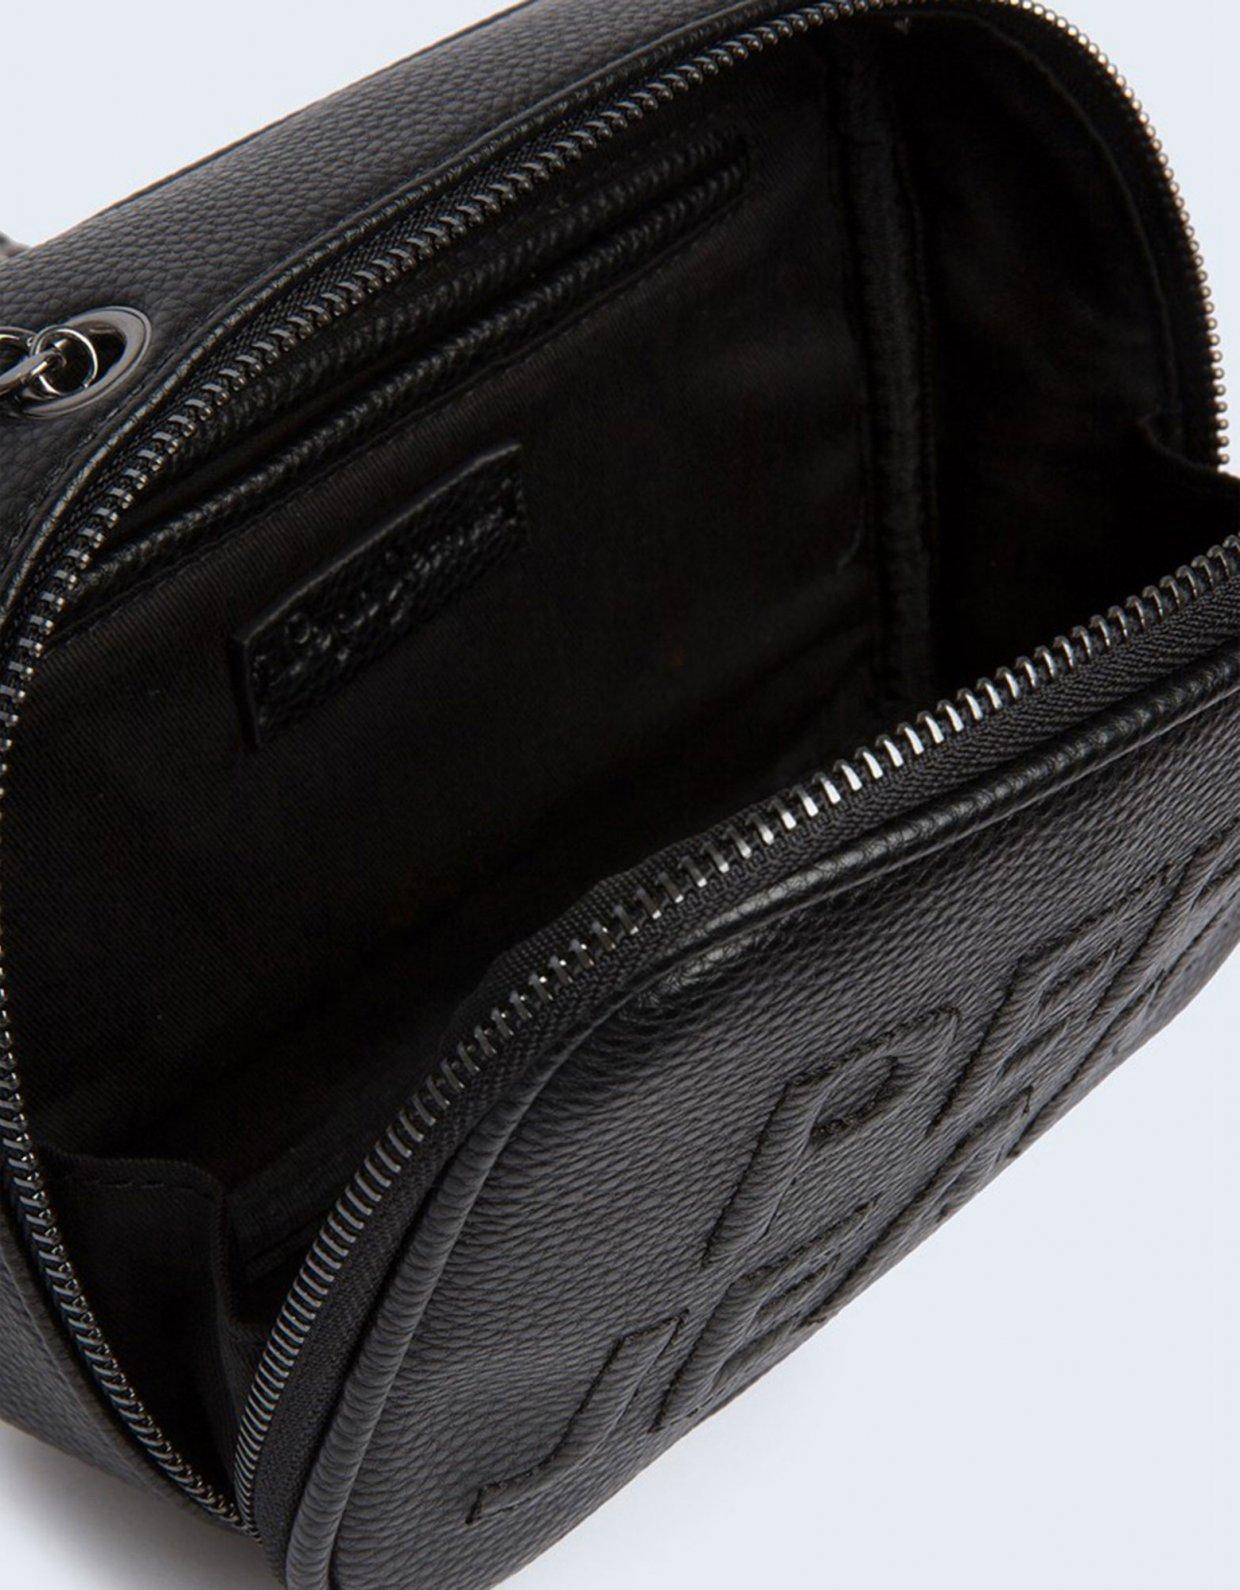 PEPE JEANS Serena bag black